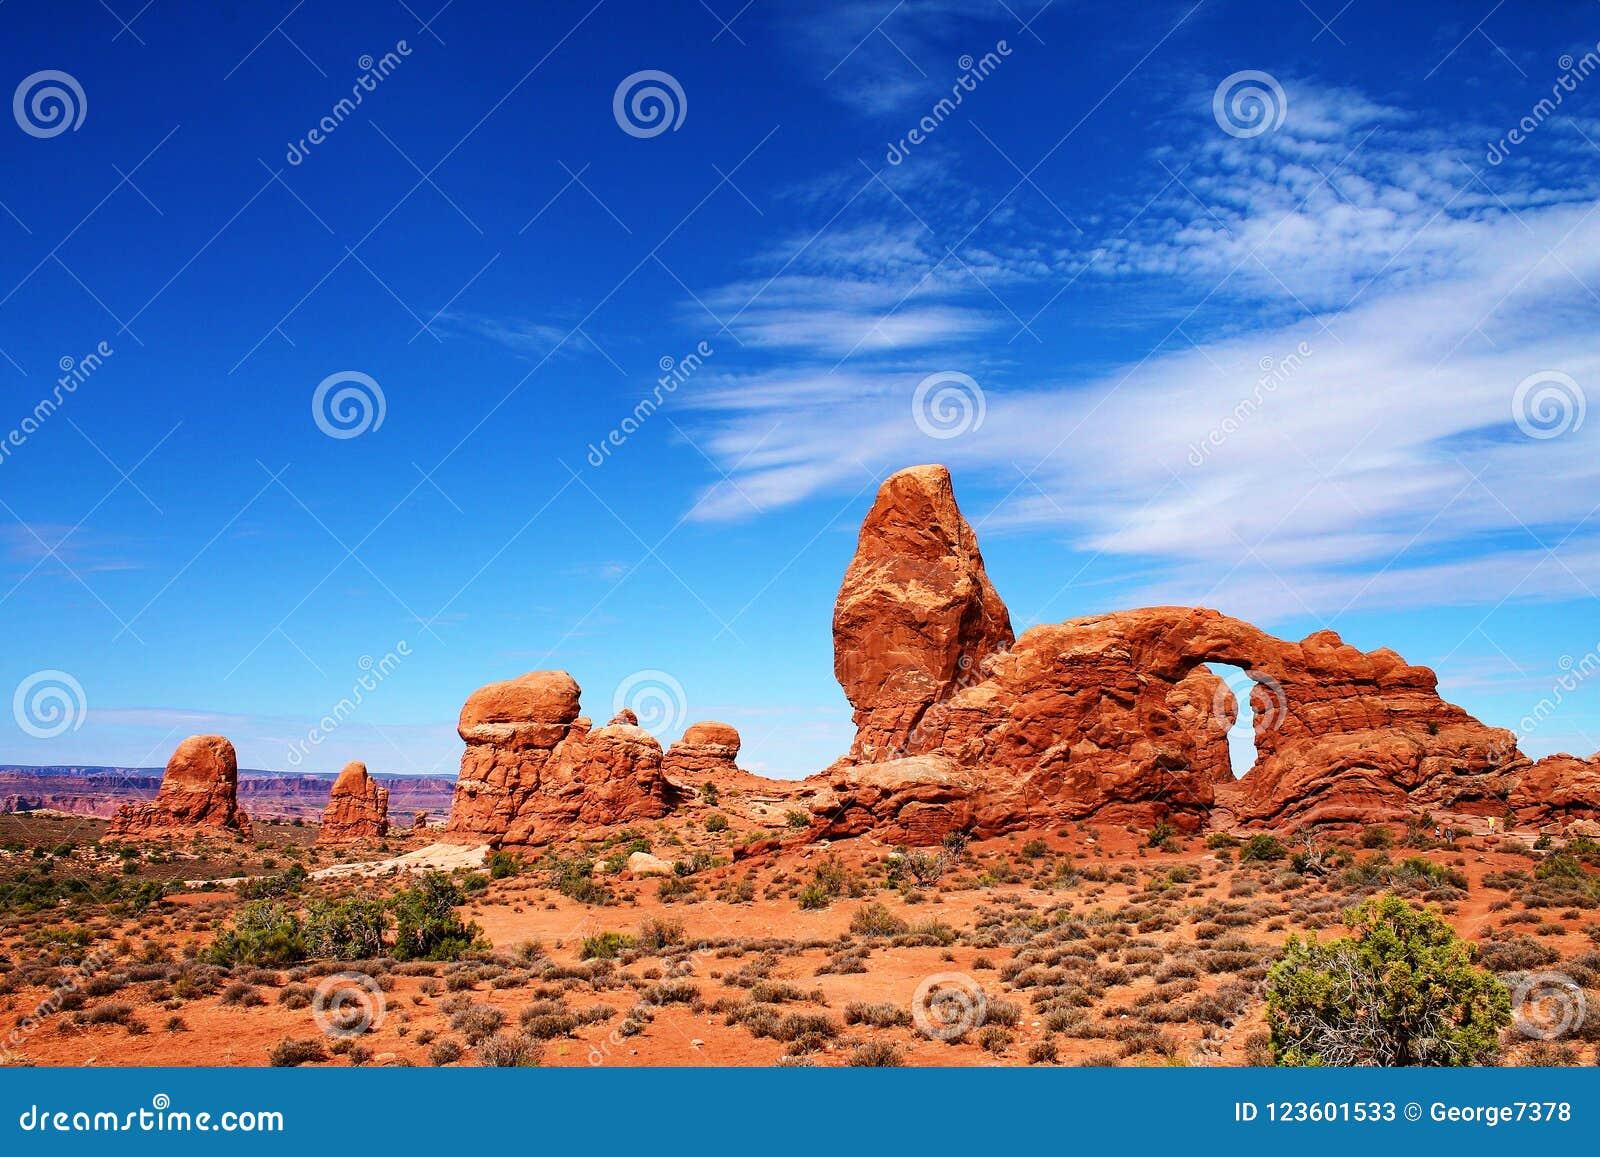 Formations de roche irrégulières avec les sommets et la voûte, à travers un paysage de désert en Utah